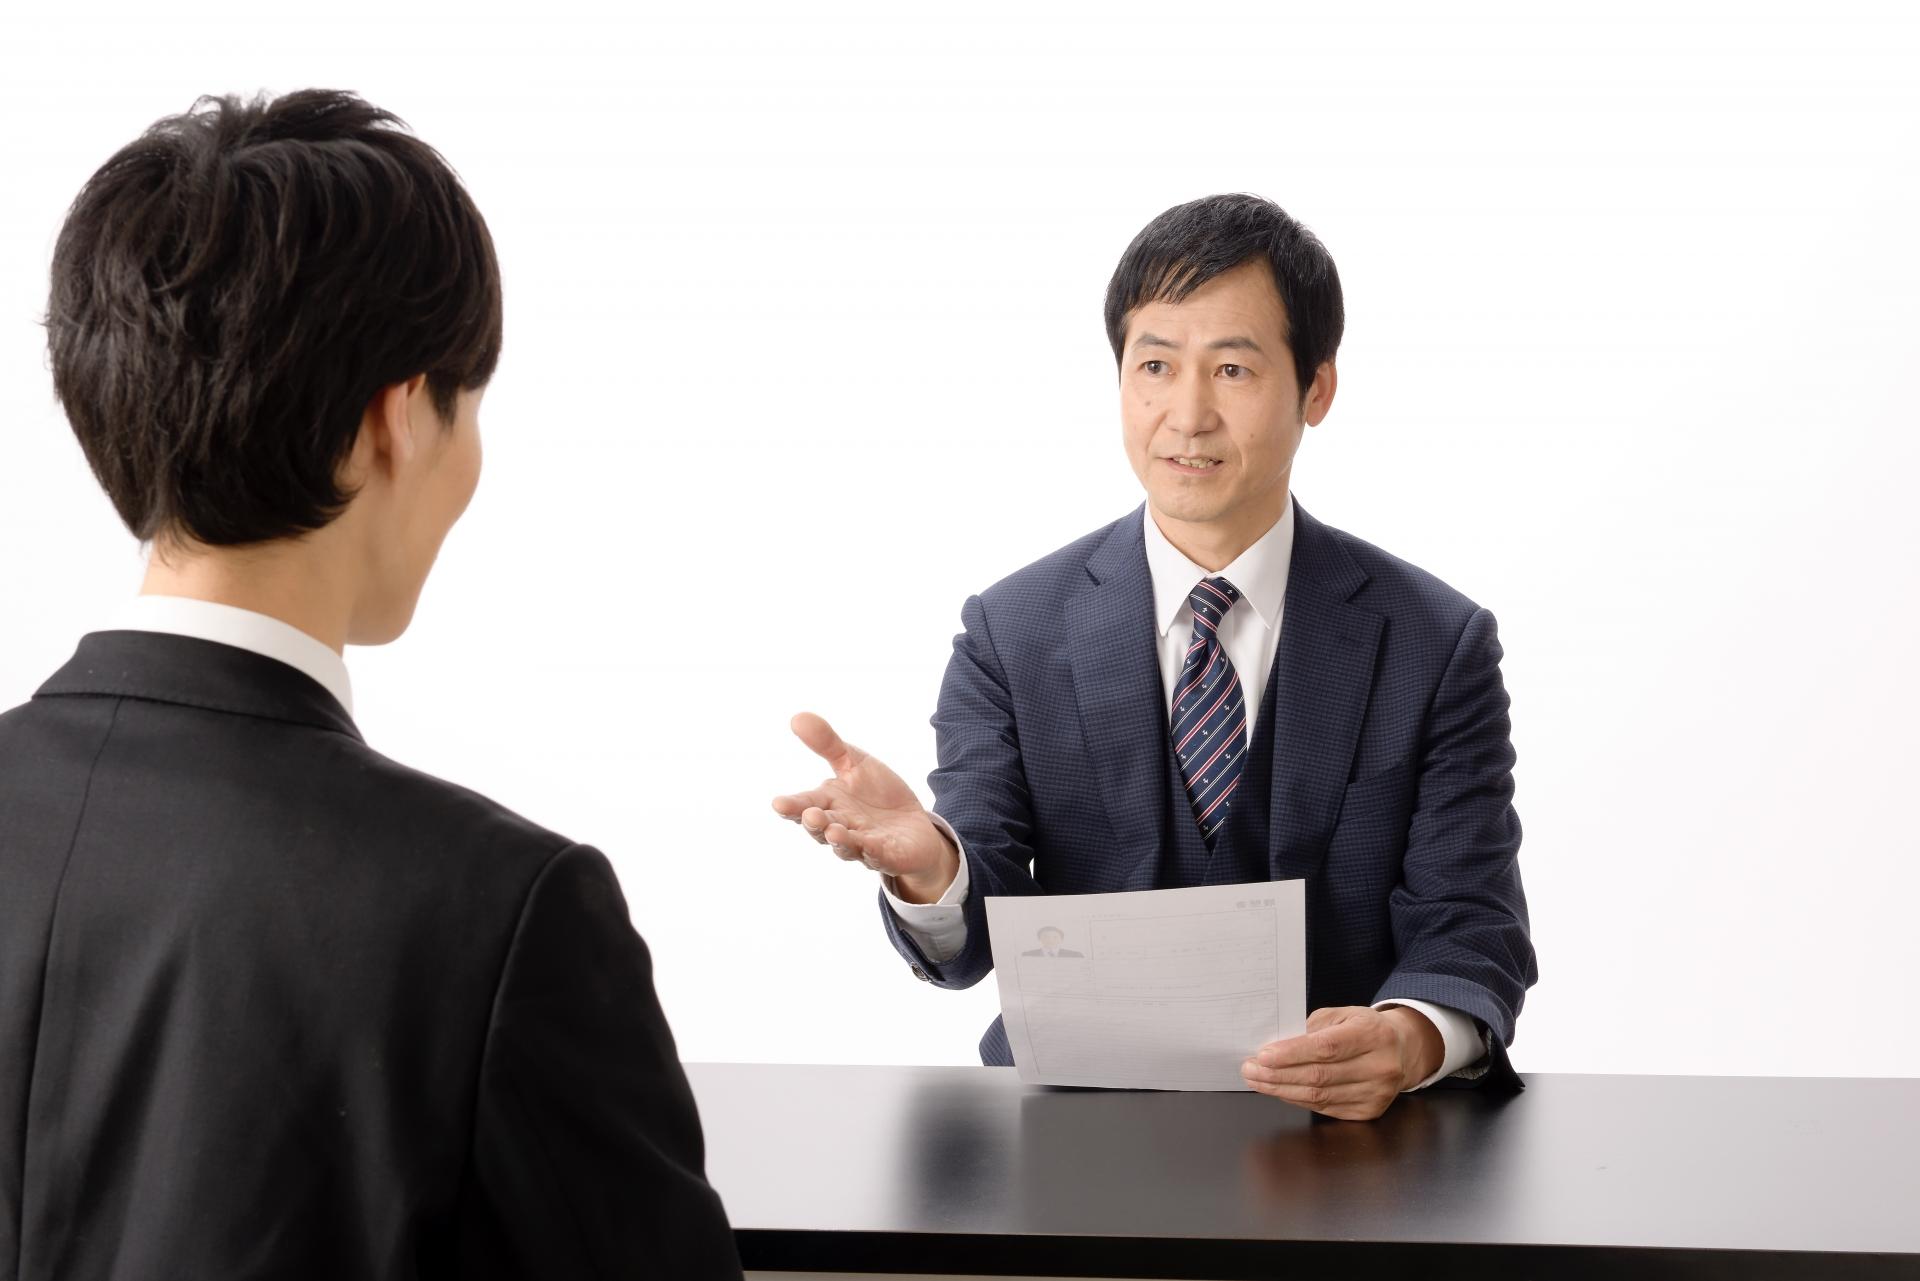 面接で必ず聞かれる質問「あなたの強み」には答え方にコツがある!自慢話に聞こえない強みの伝え方と考え方